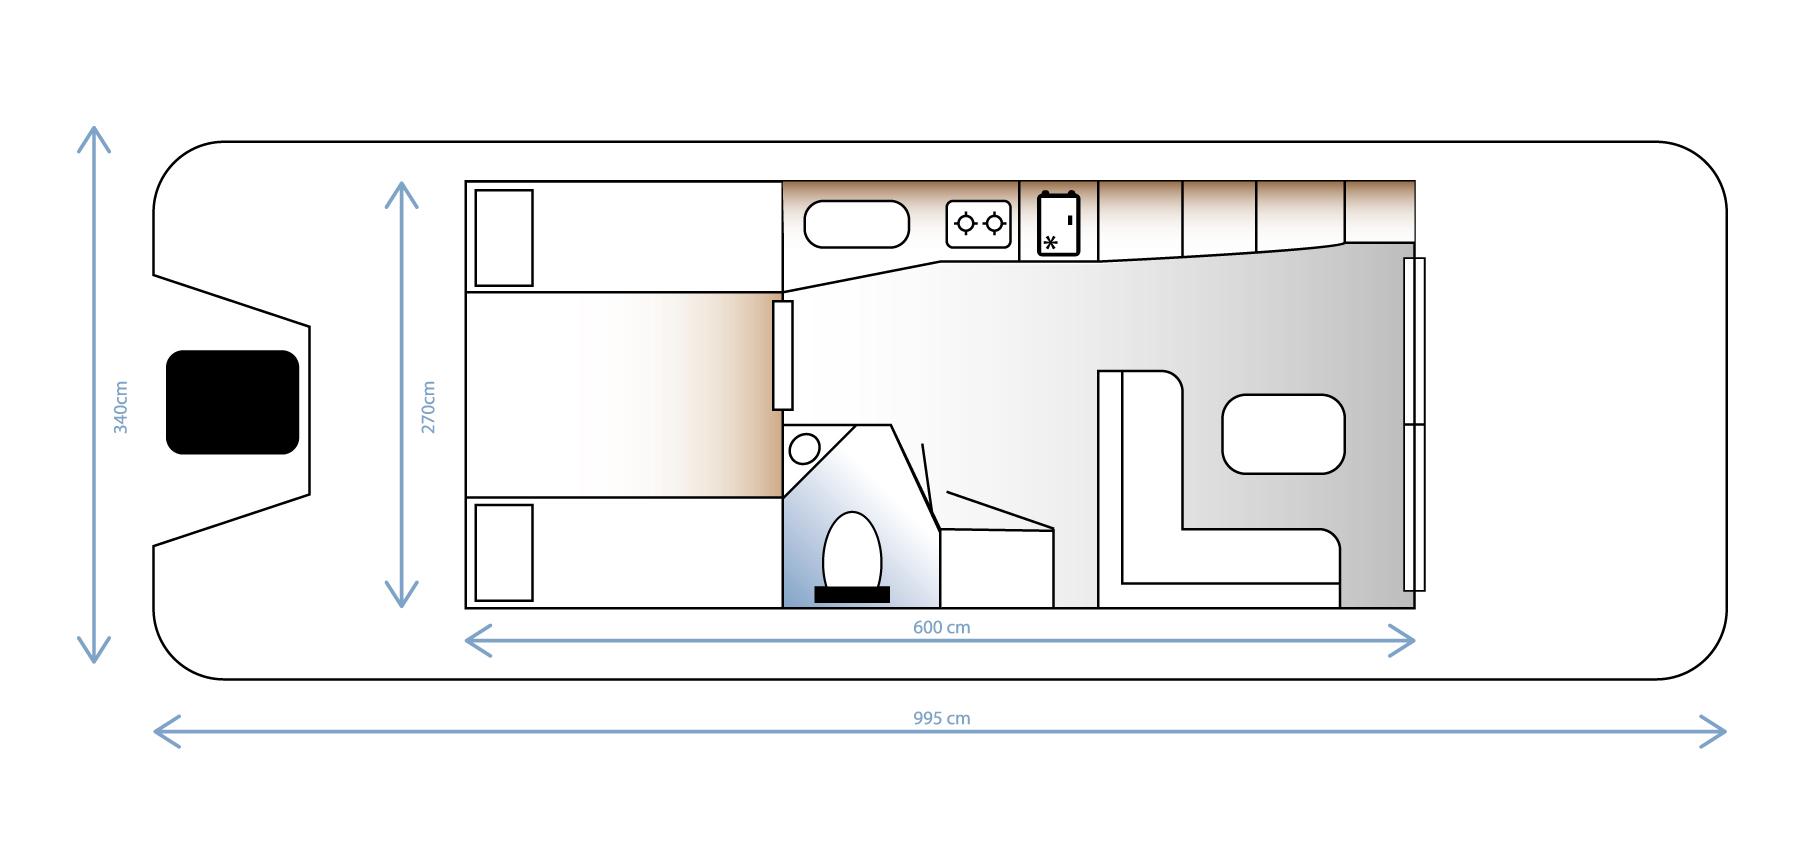 Plattegrond interieur Comfortraft